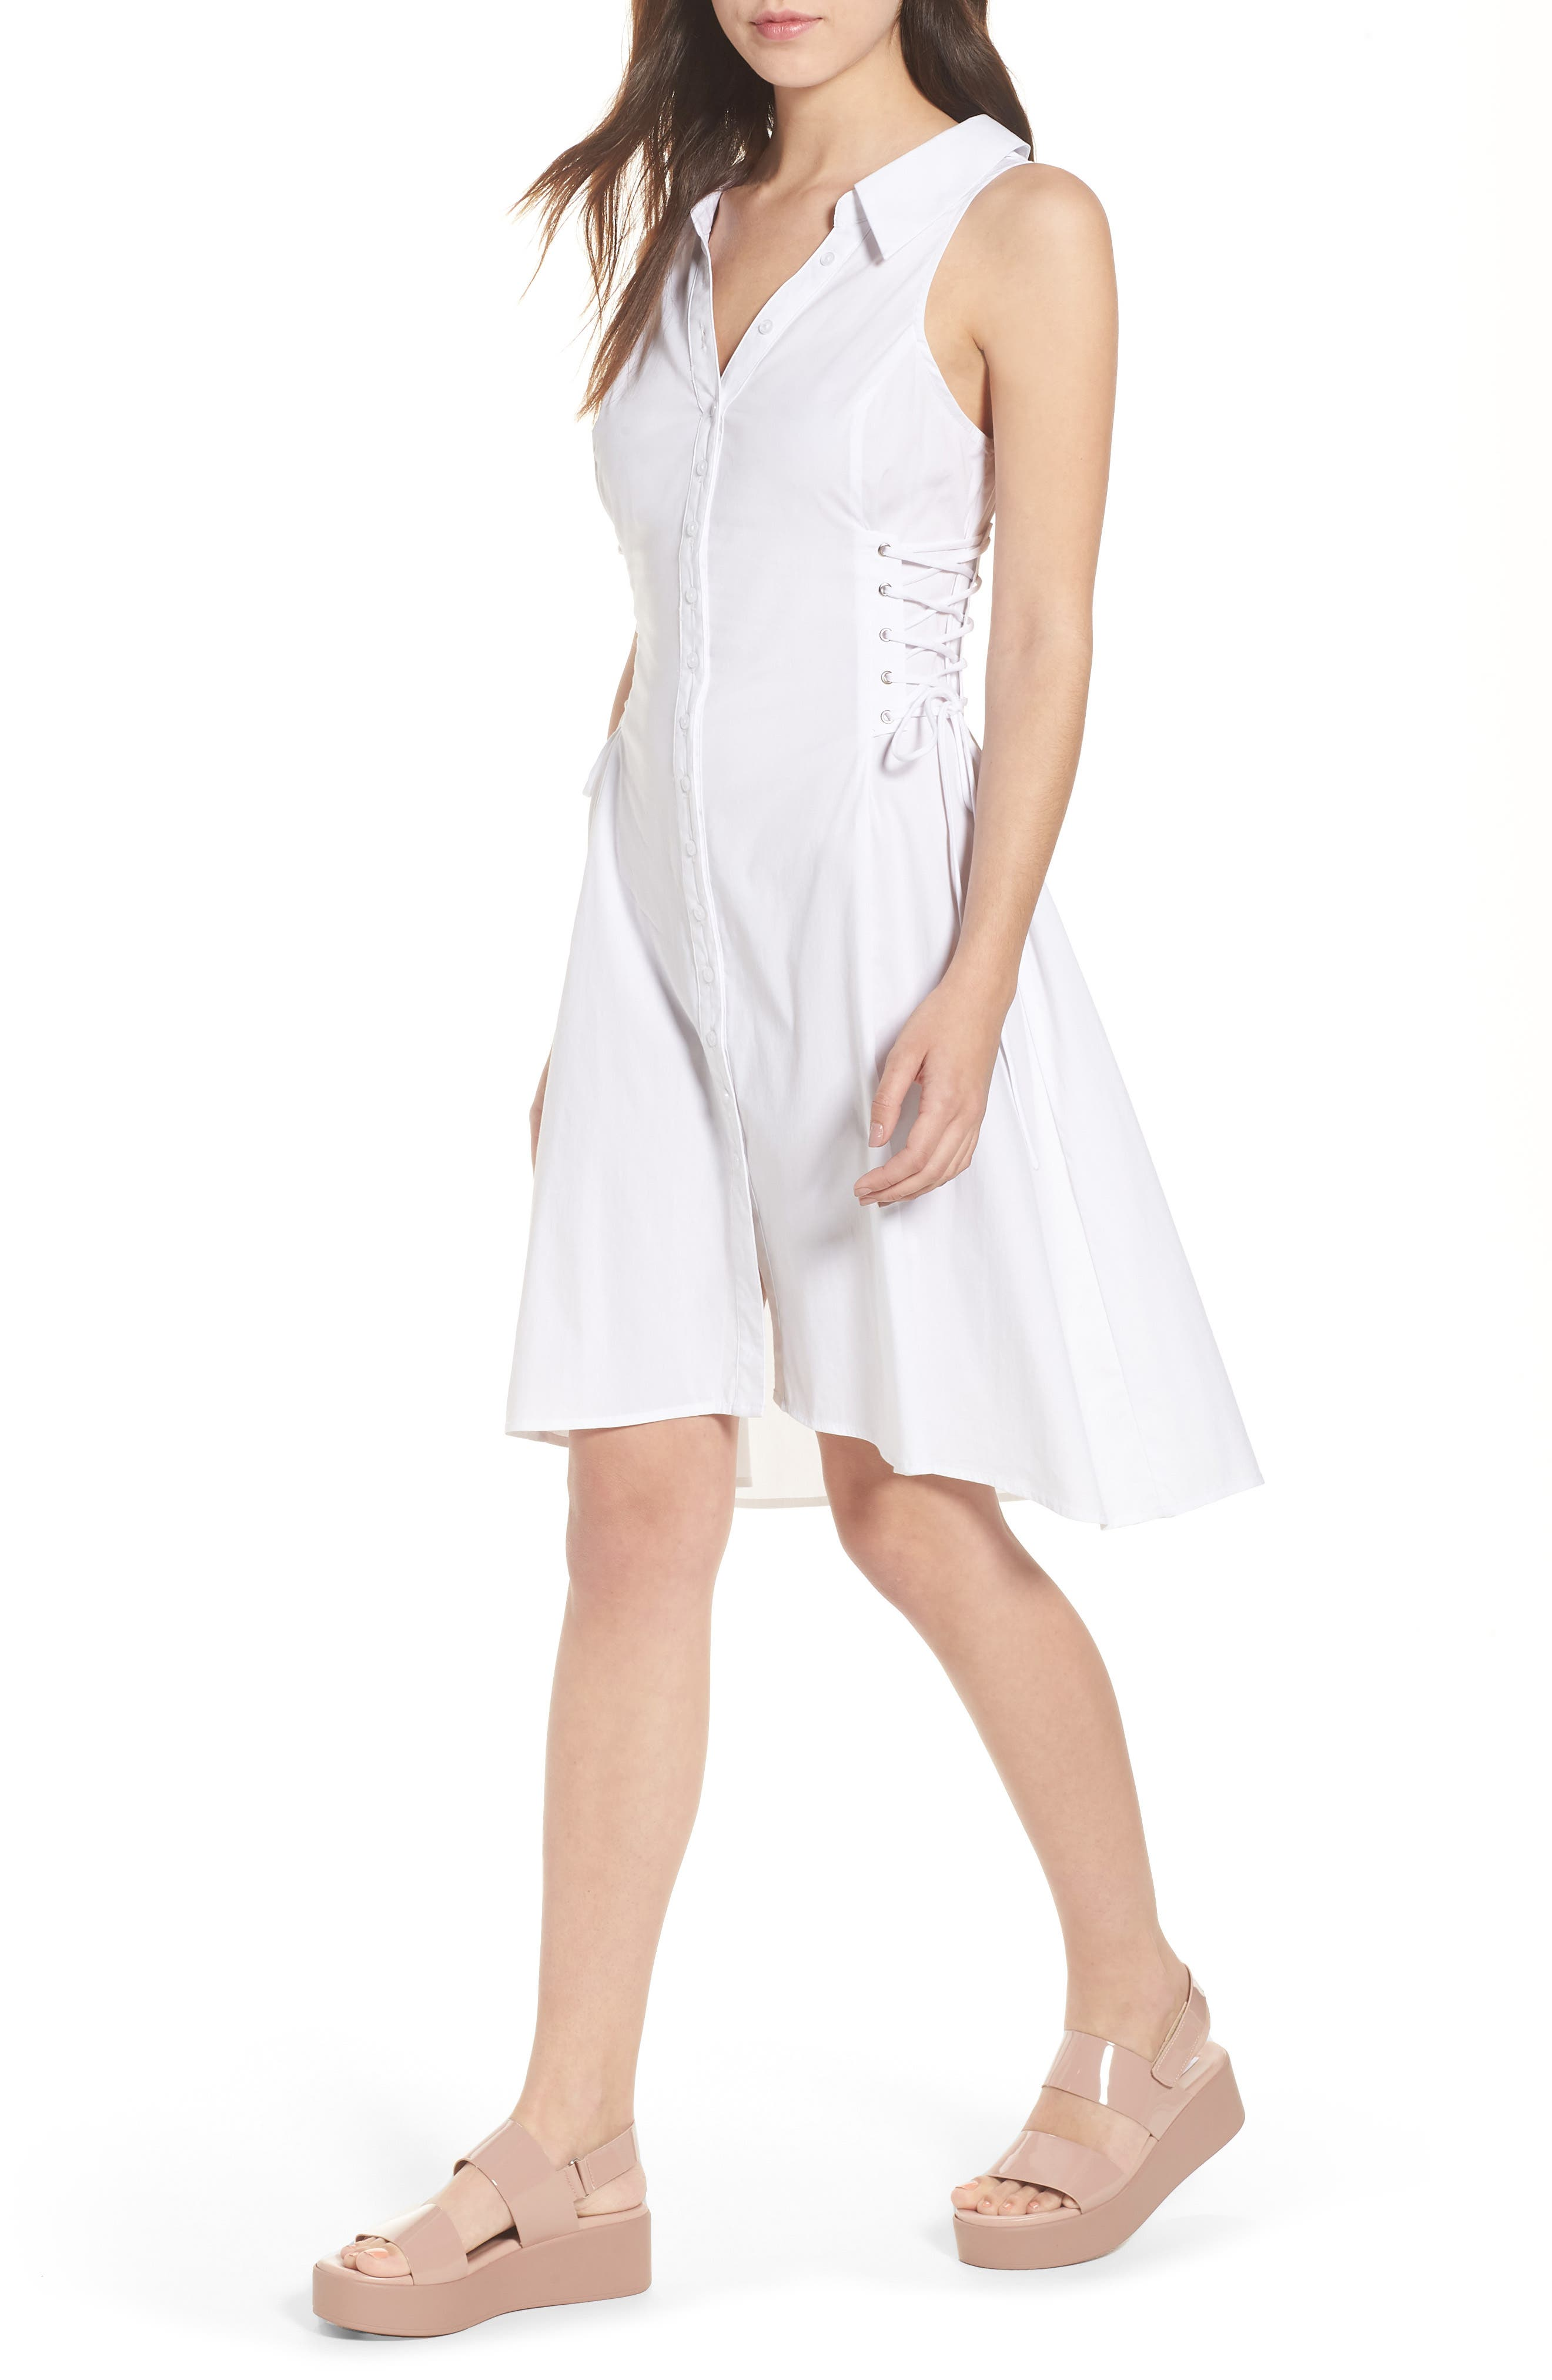 Sydney Lace Side Dress,                             Main thumbnail 1, color,